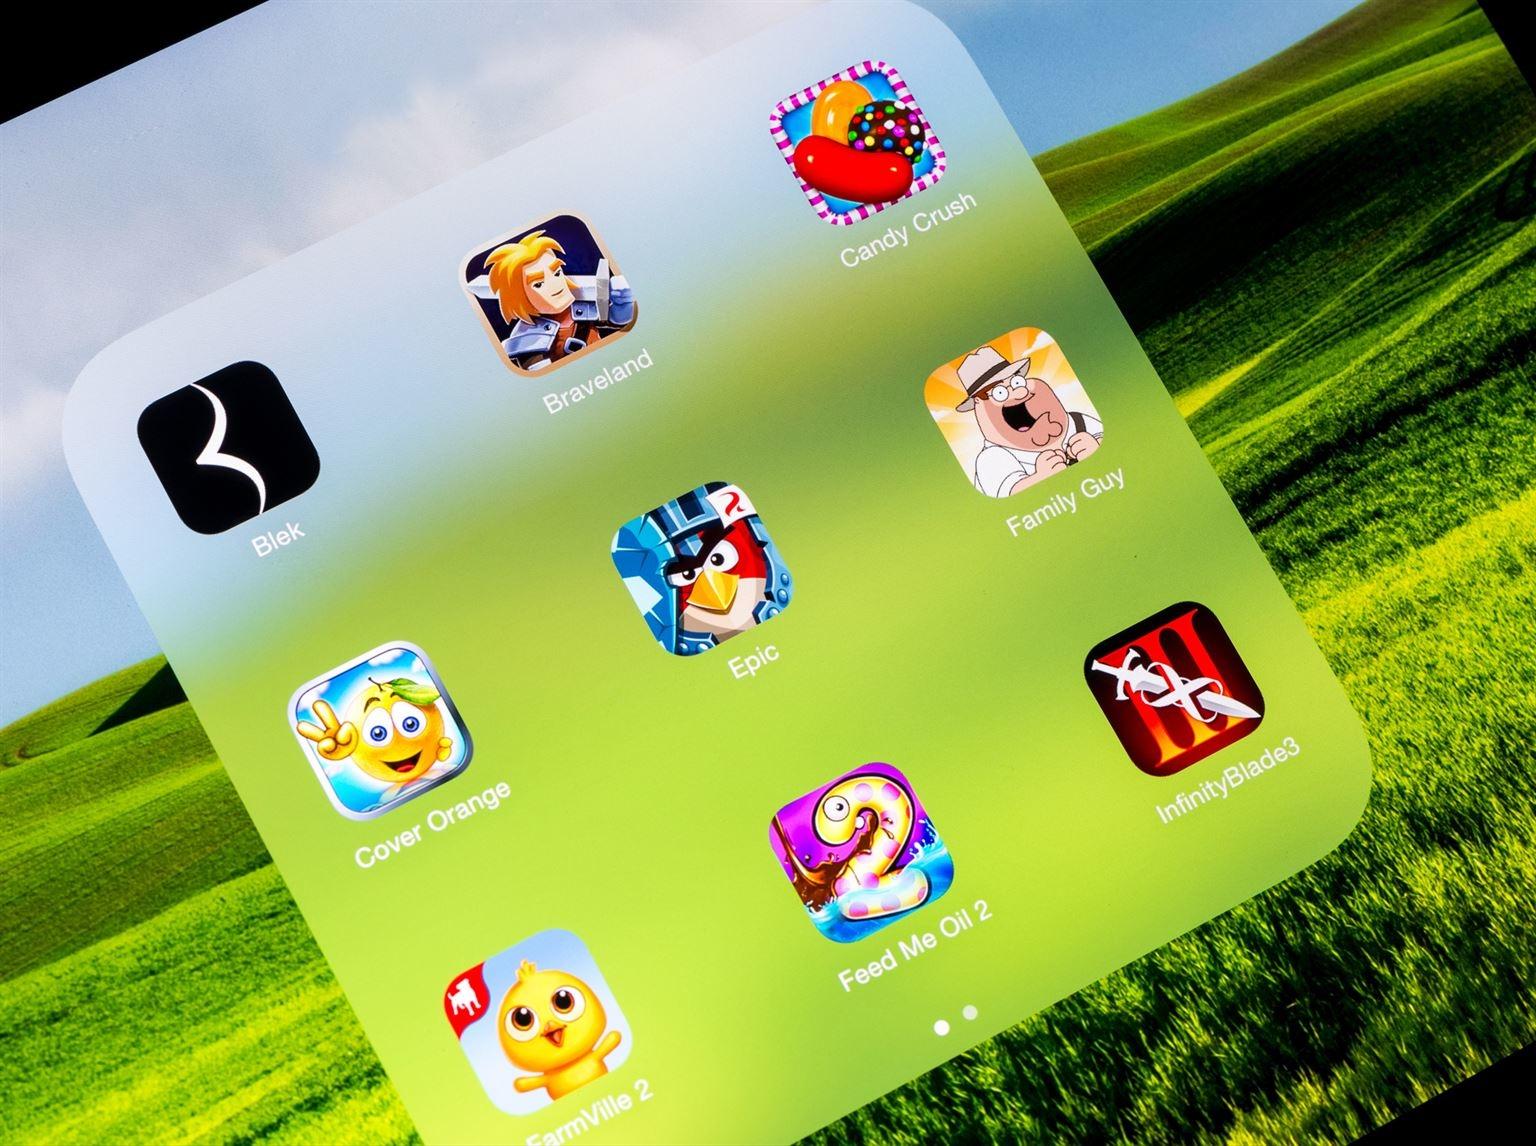 Jeux Sur Tablette: 64 Choix Pour Enfants | Protégez-Vous.ca encequiconcerne Jeux Pour Tablette Gratuit